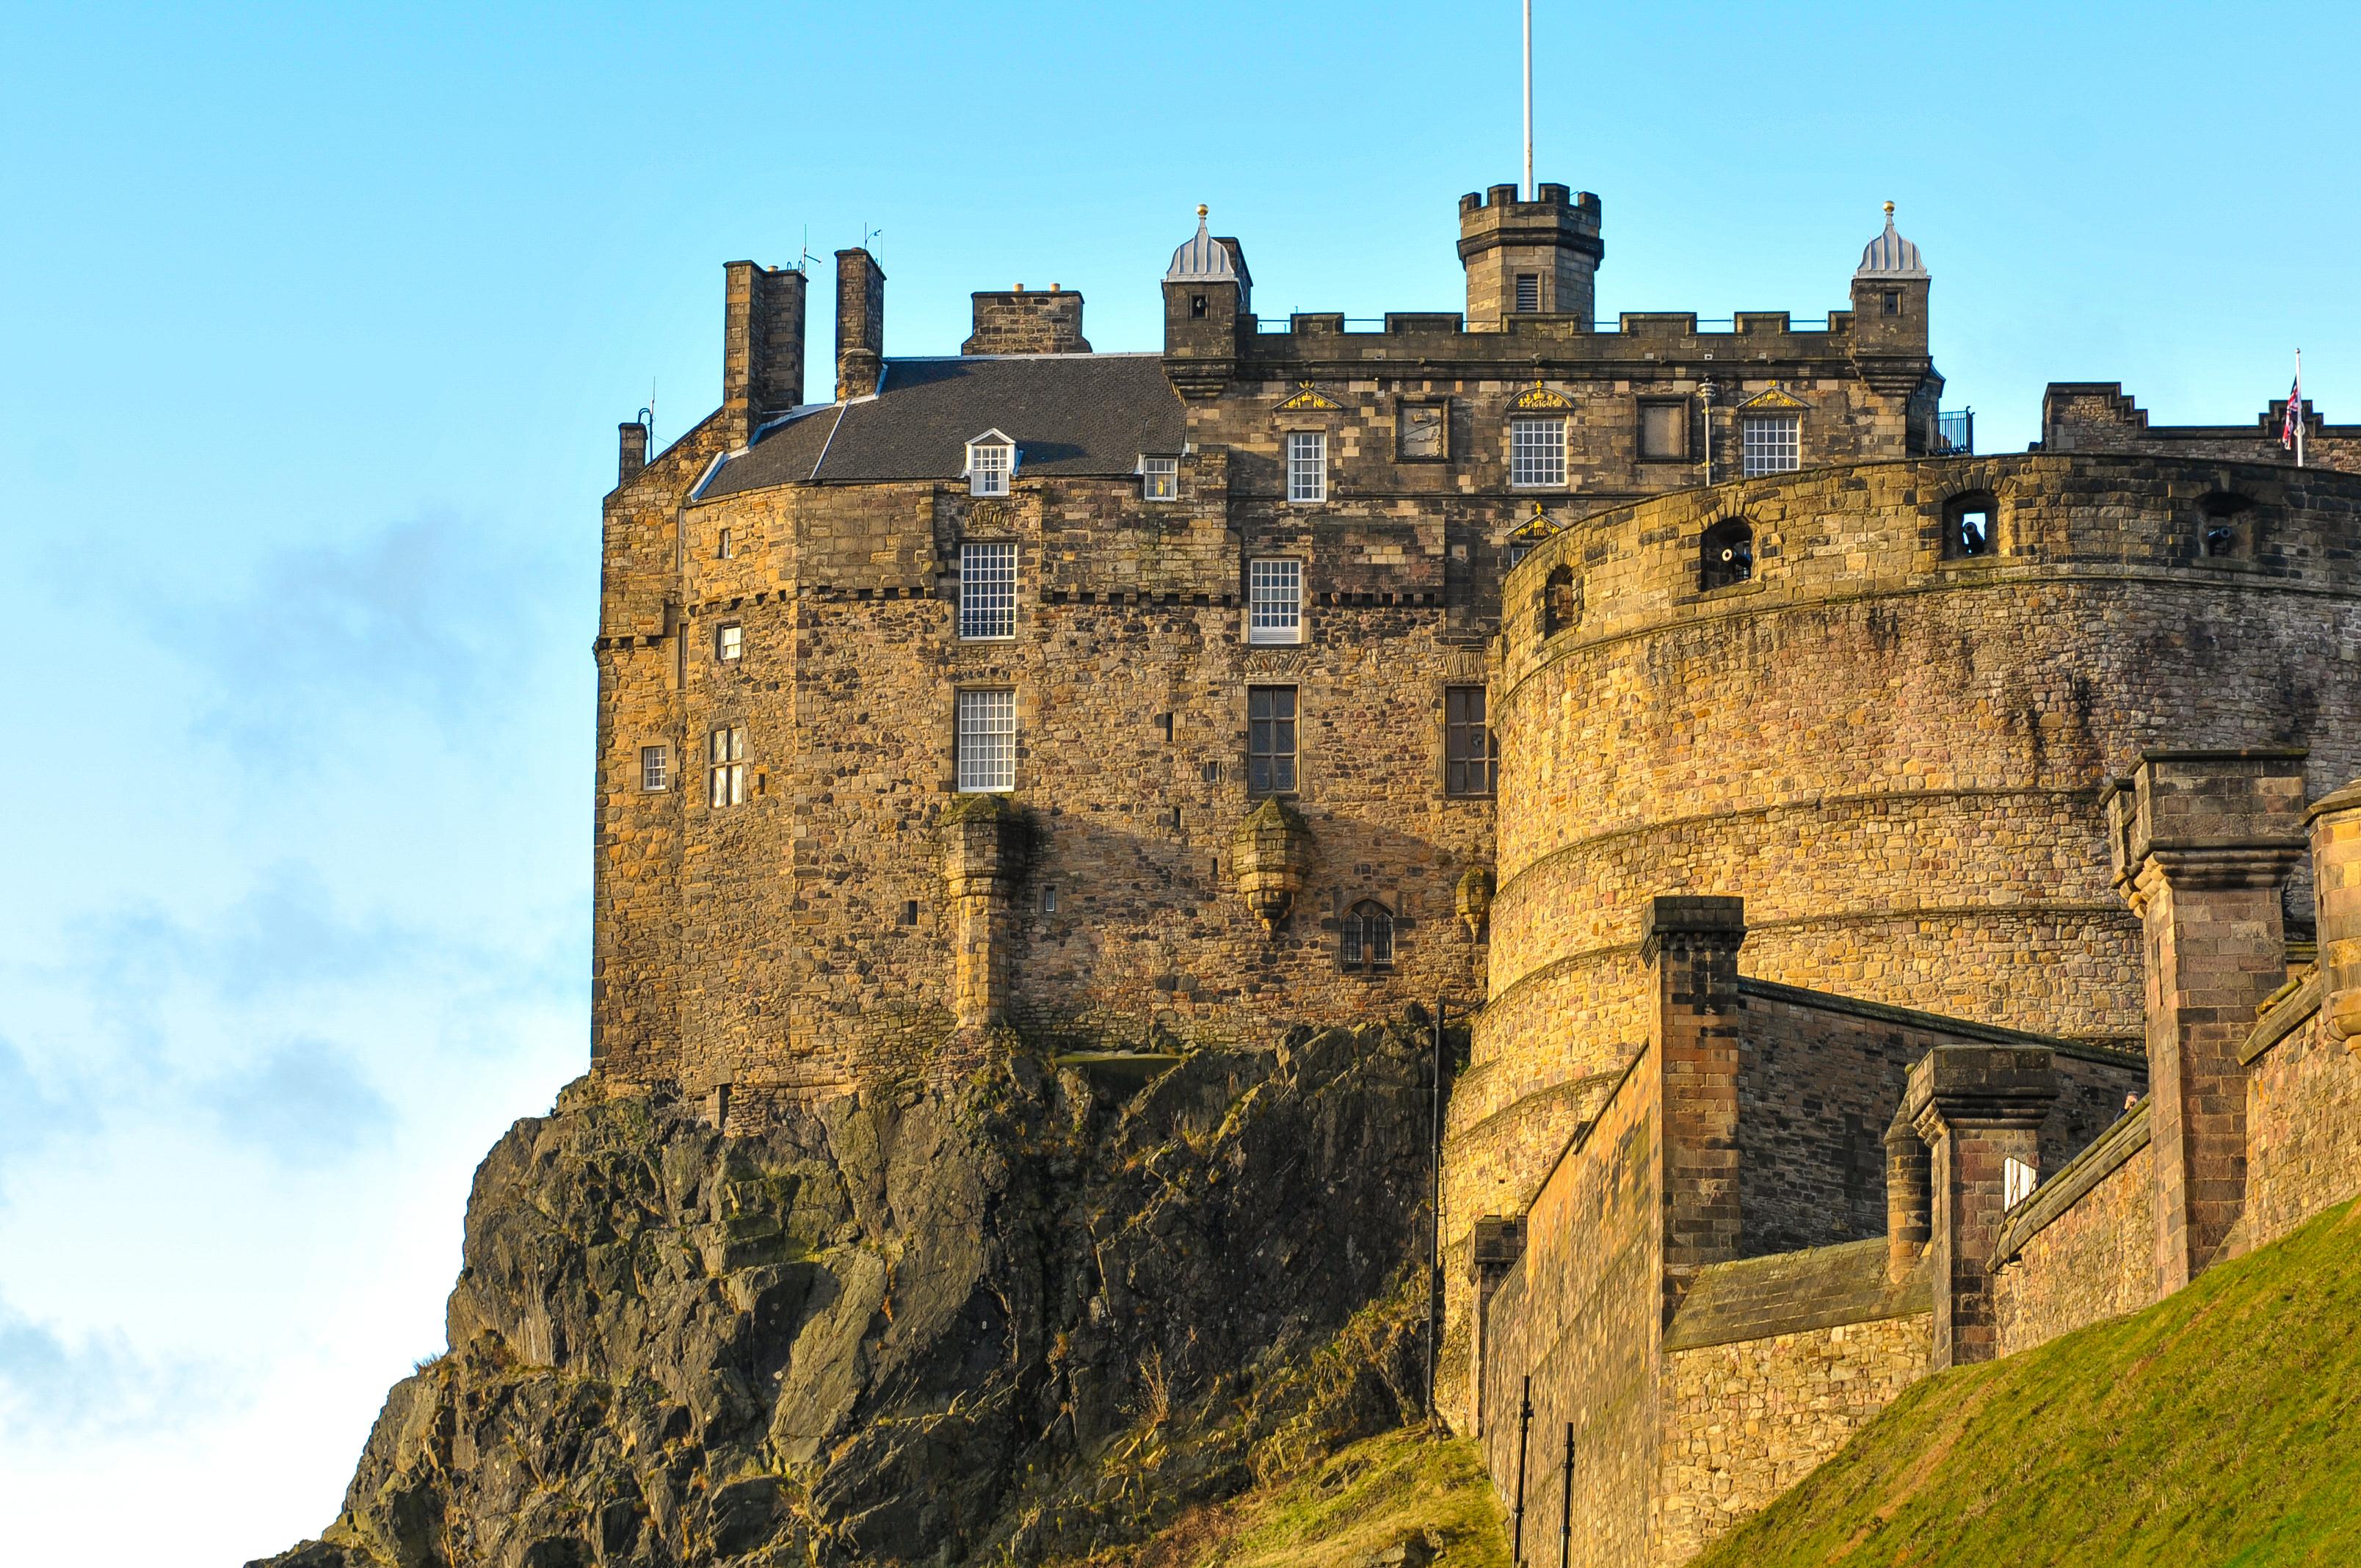 El Castillo de Edimburgo, símbolo de la ciudad - Irlanda Circuito Irlanda y Escocia